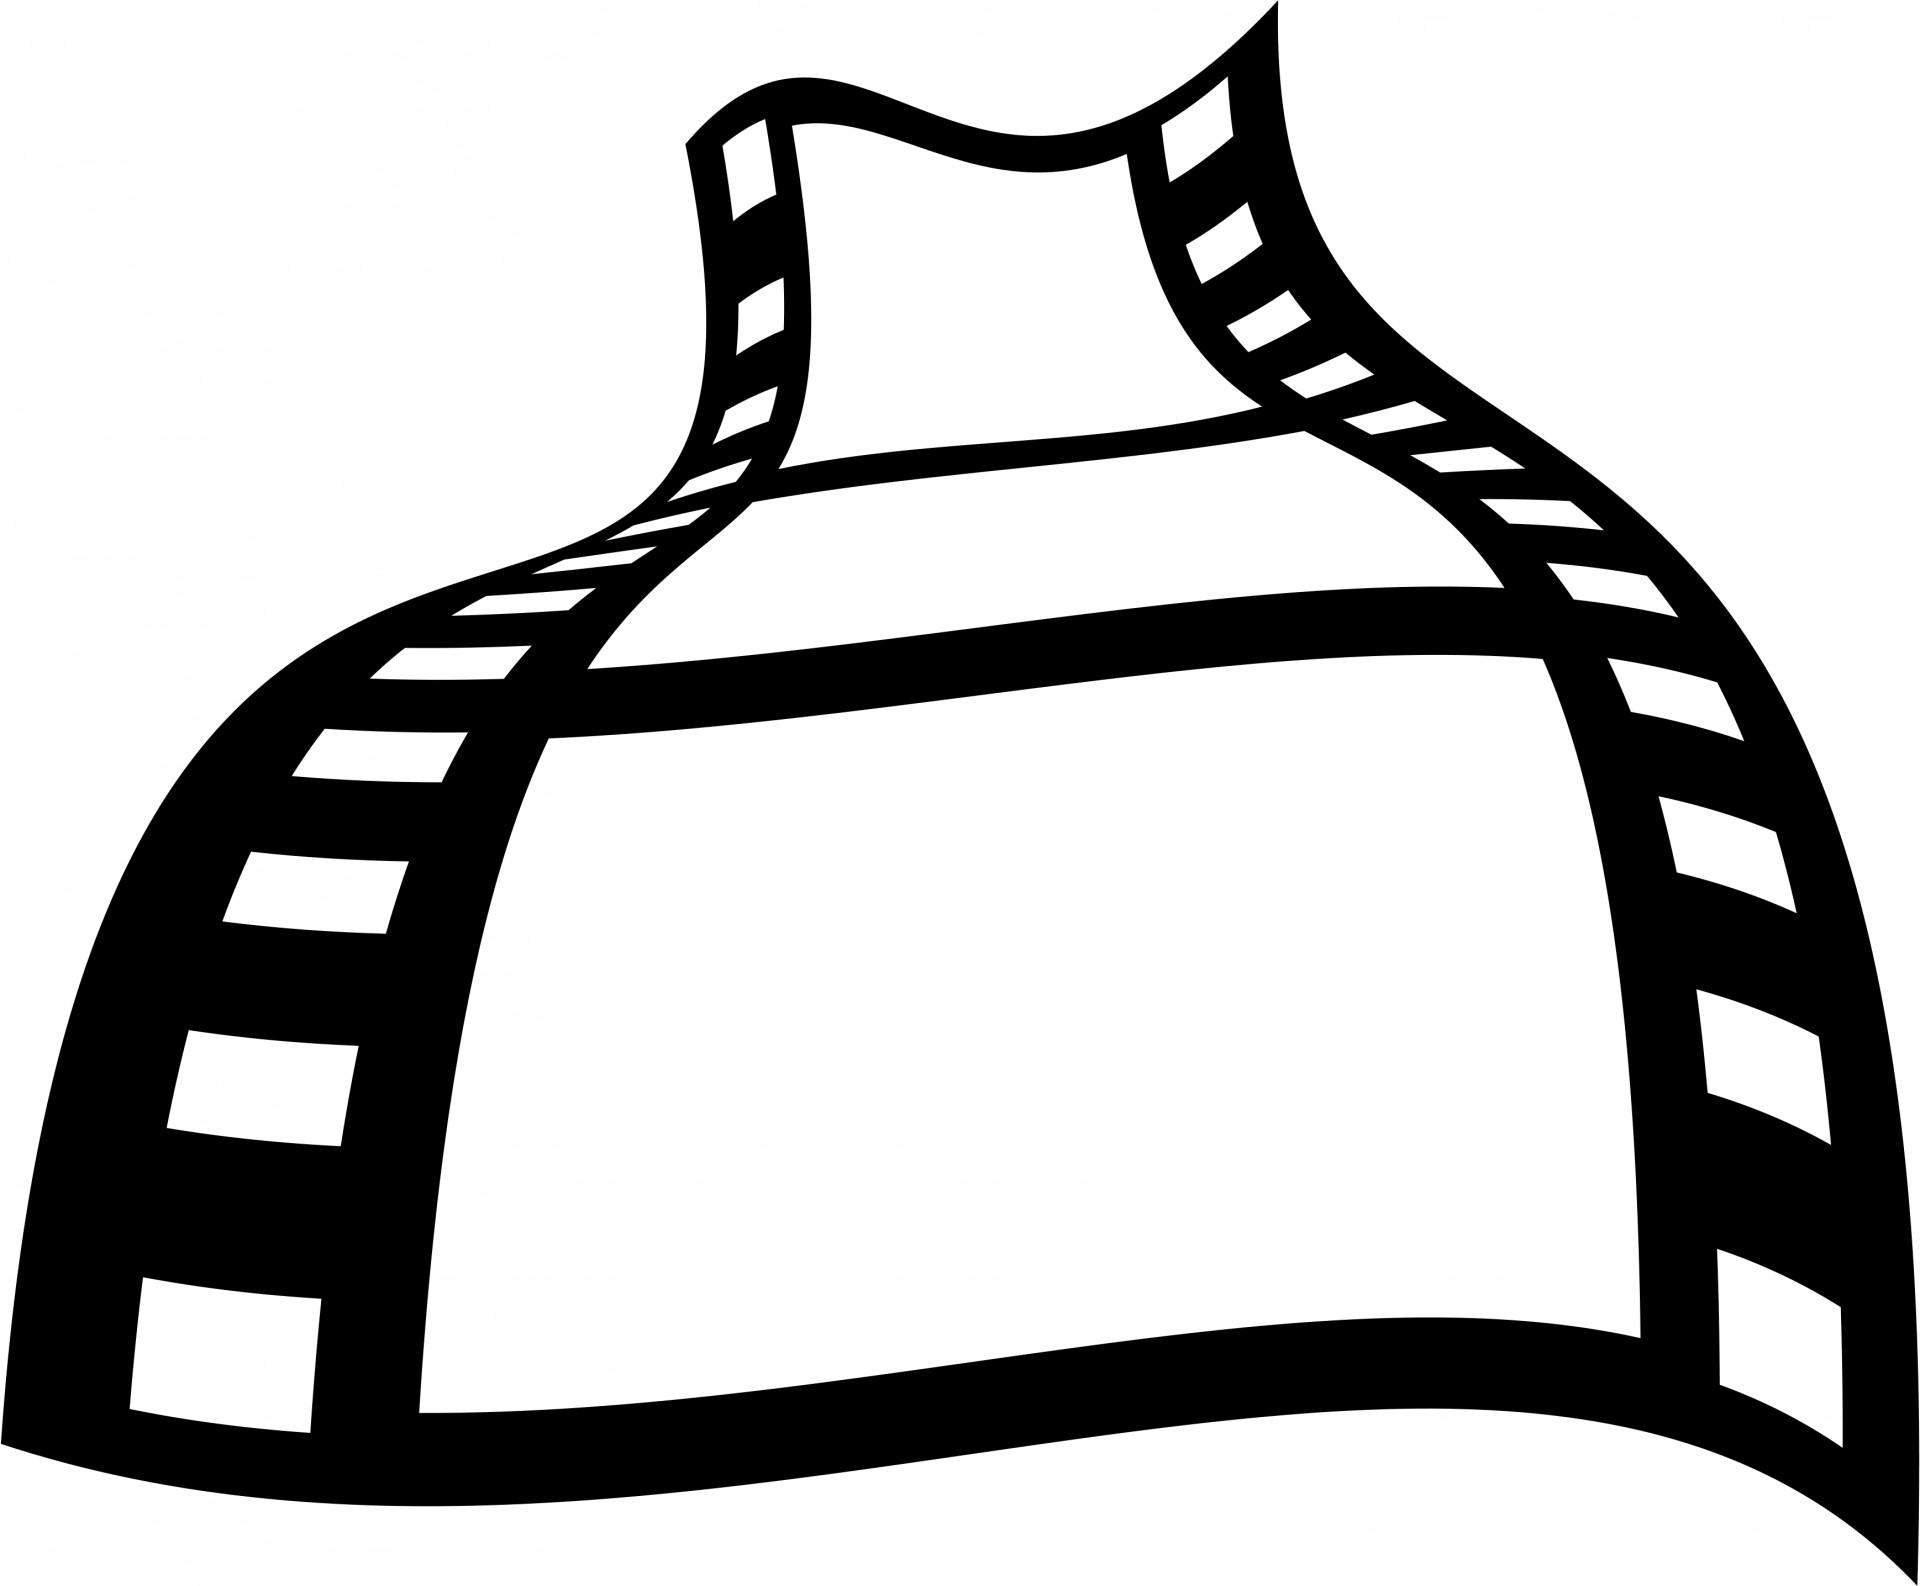 Film Strip Icon Free Stock Photo